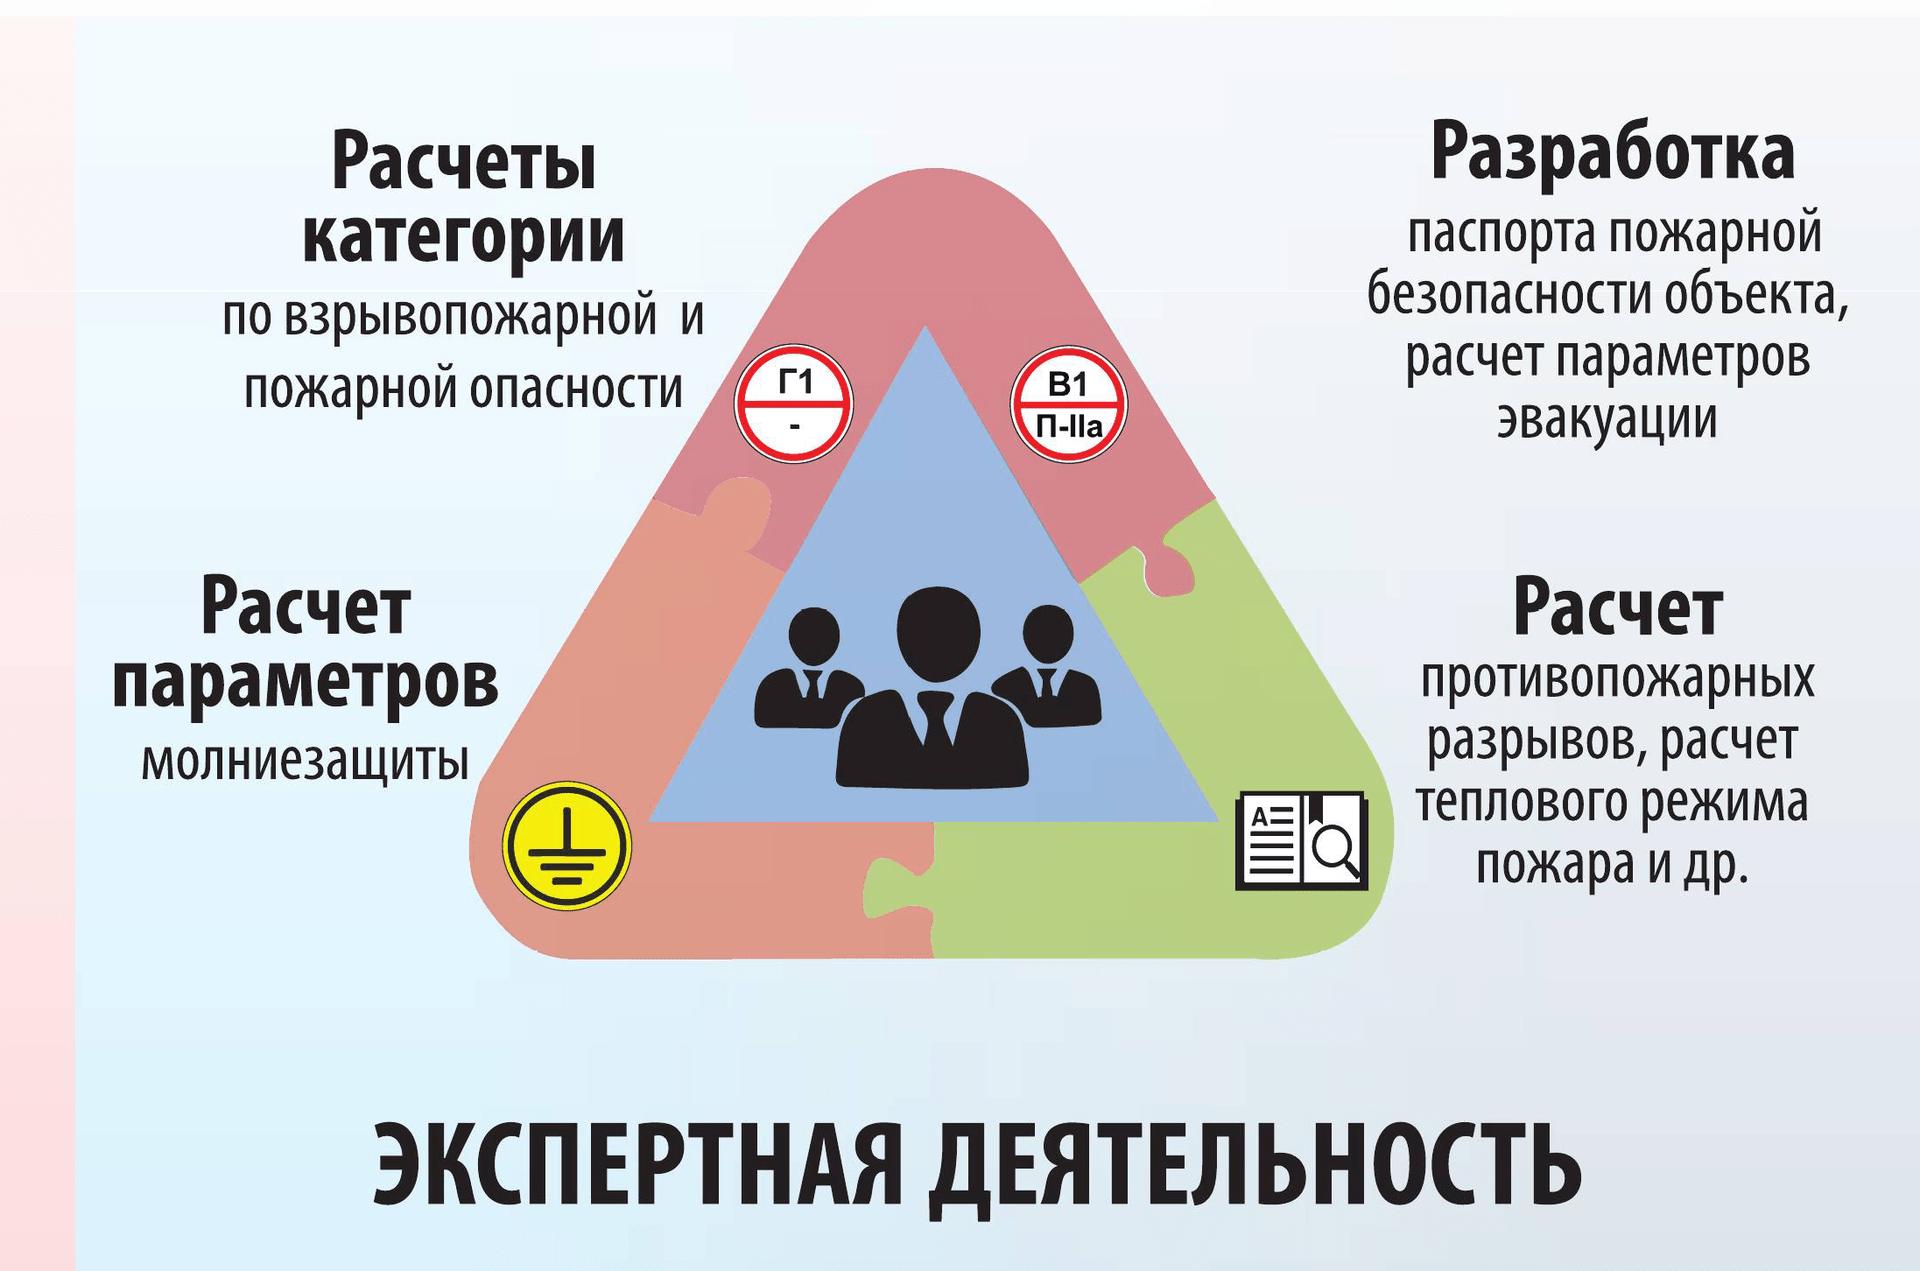 Расчетом пожарных рисков и категорированием занимаются экспертные организации. На схеме представлены услуги, которые можно заказать у экспертов.